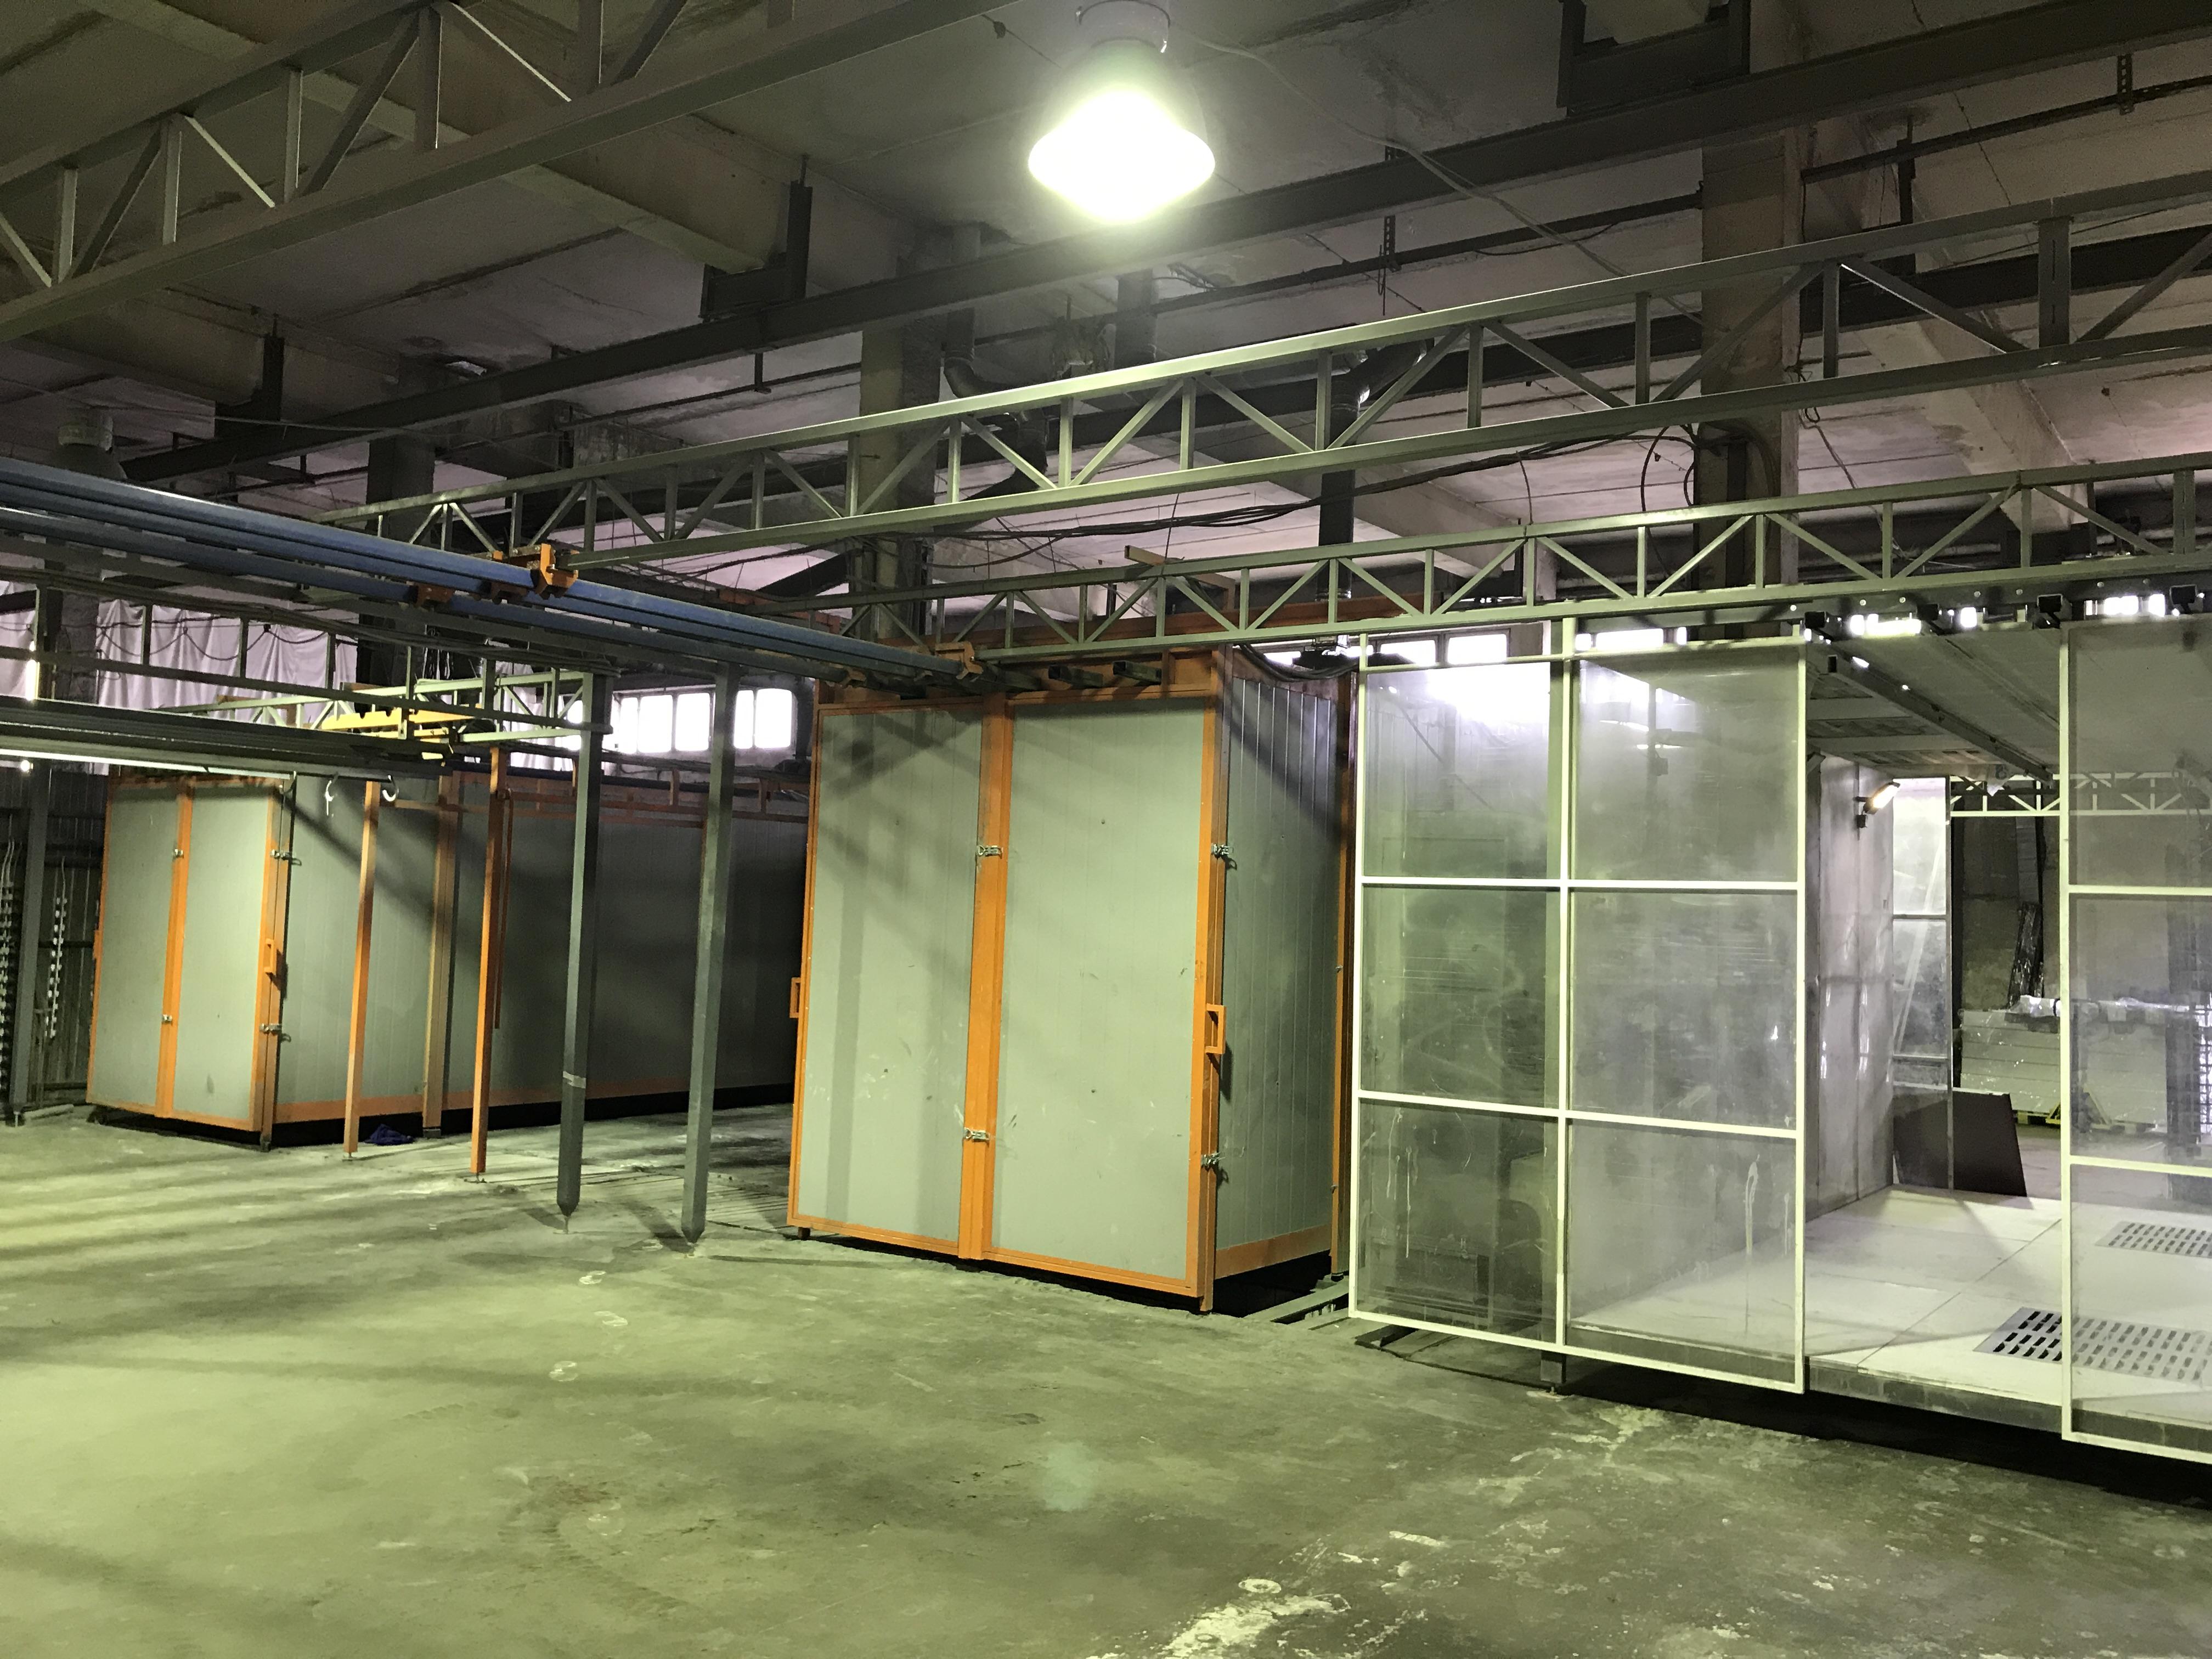 Порошковая окраска. Примеры работ - Завершен процесс модернизации 2-х технологических участков для порошковой покраски